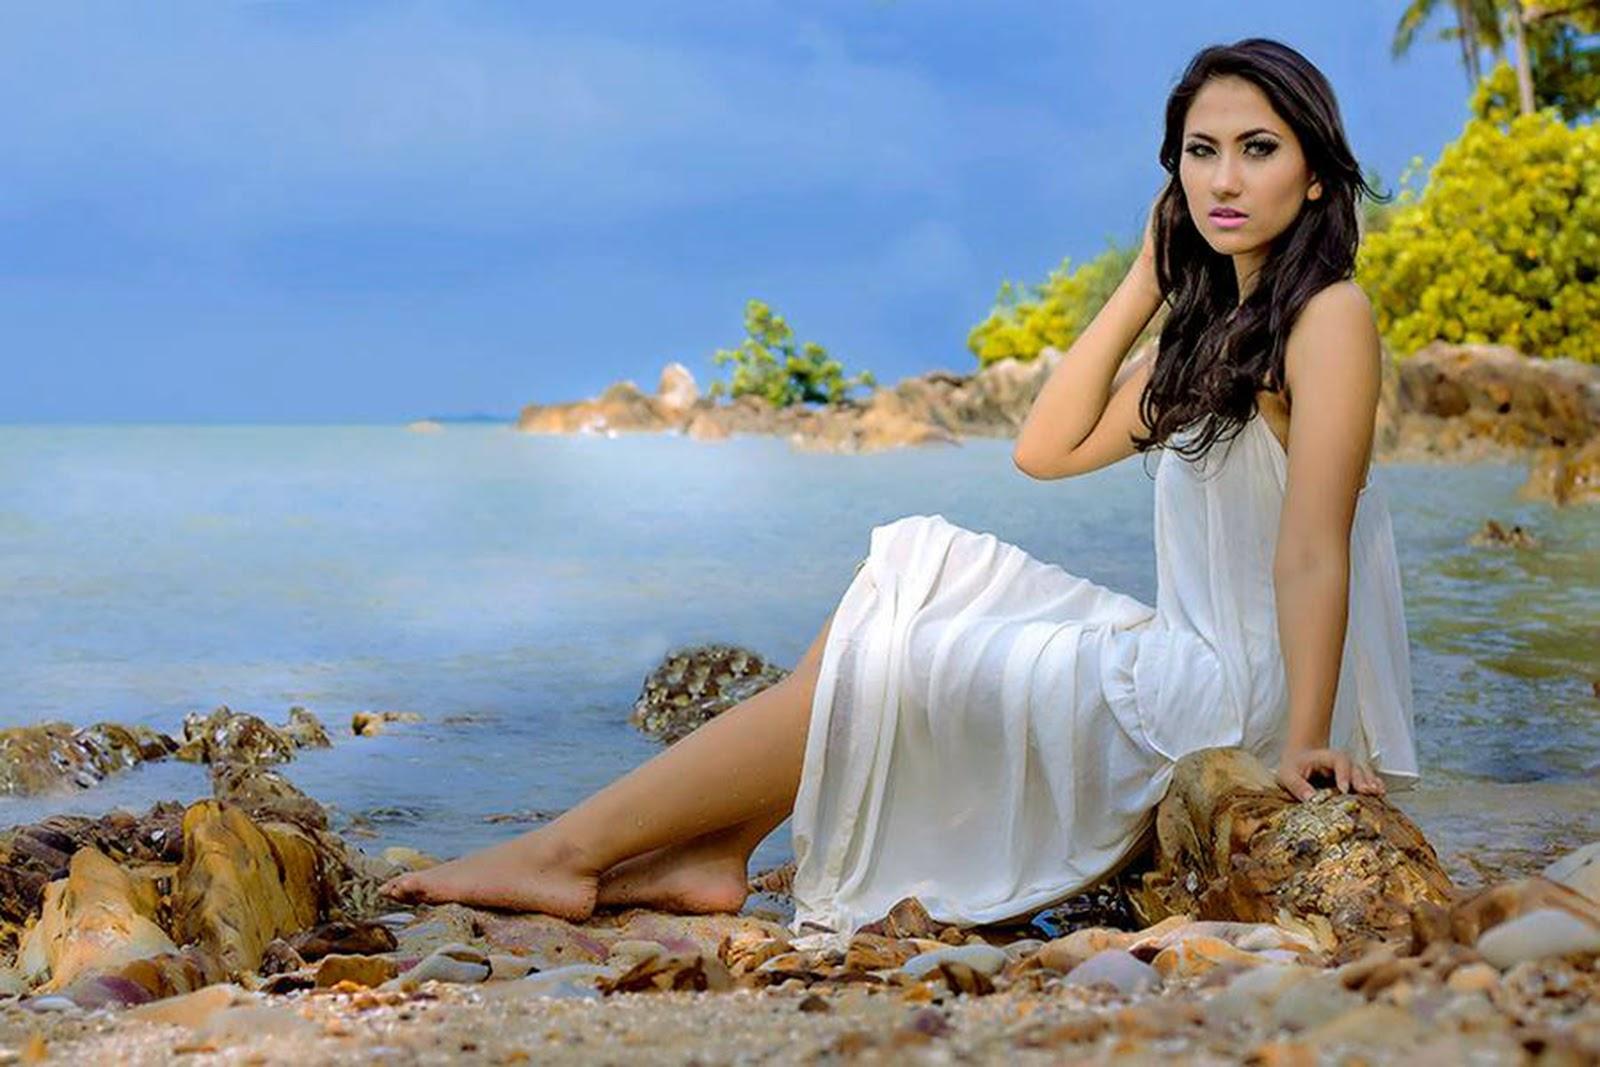 Model cewek Igo Gaun putih di pantai manis